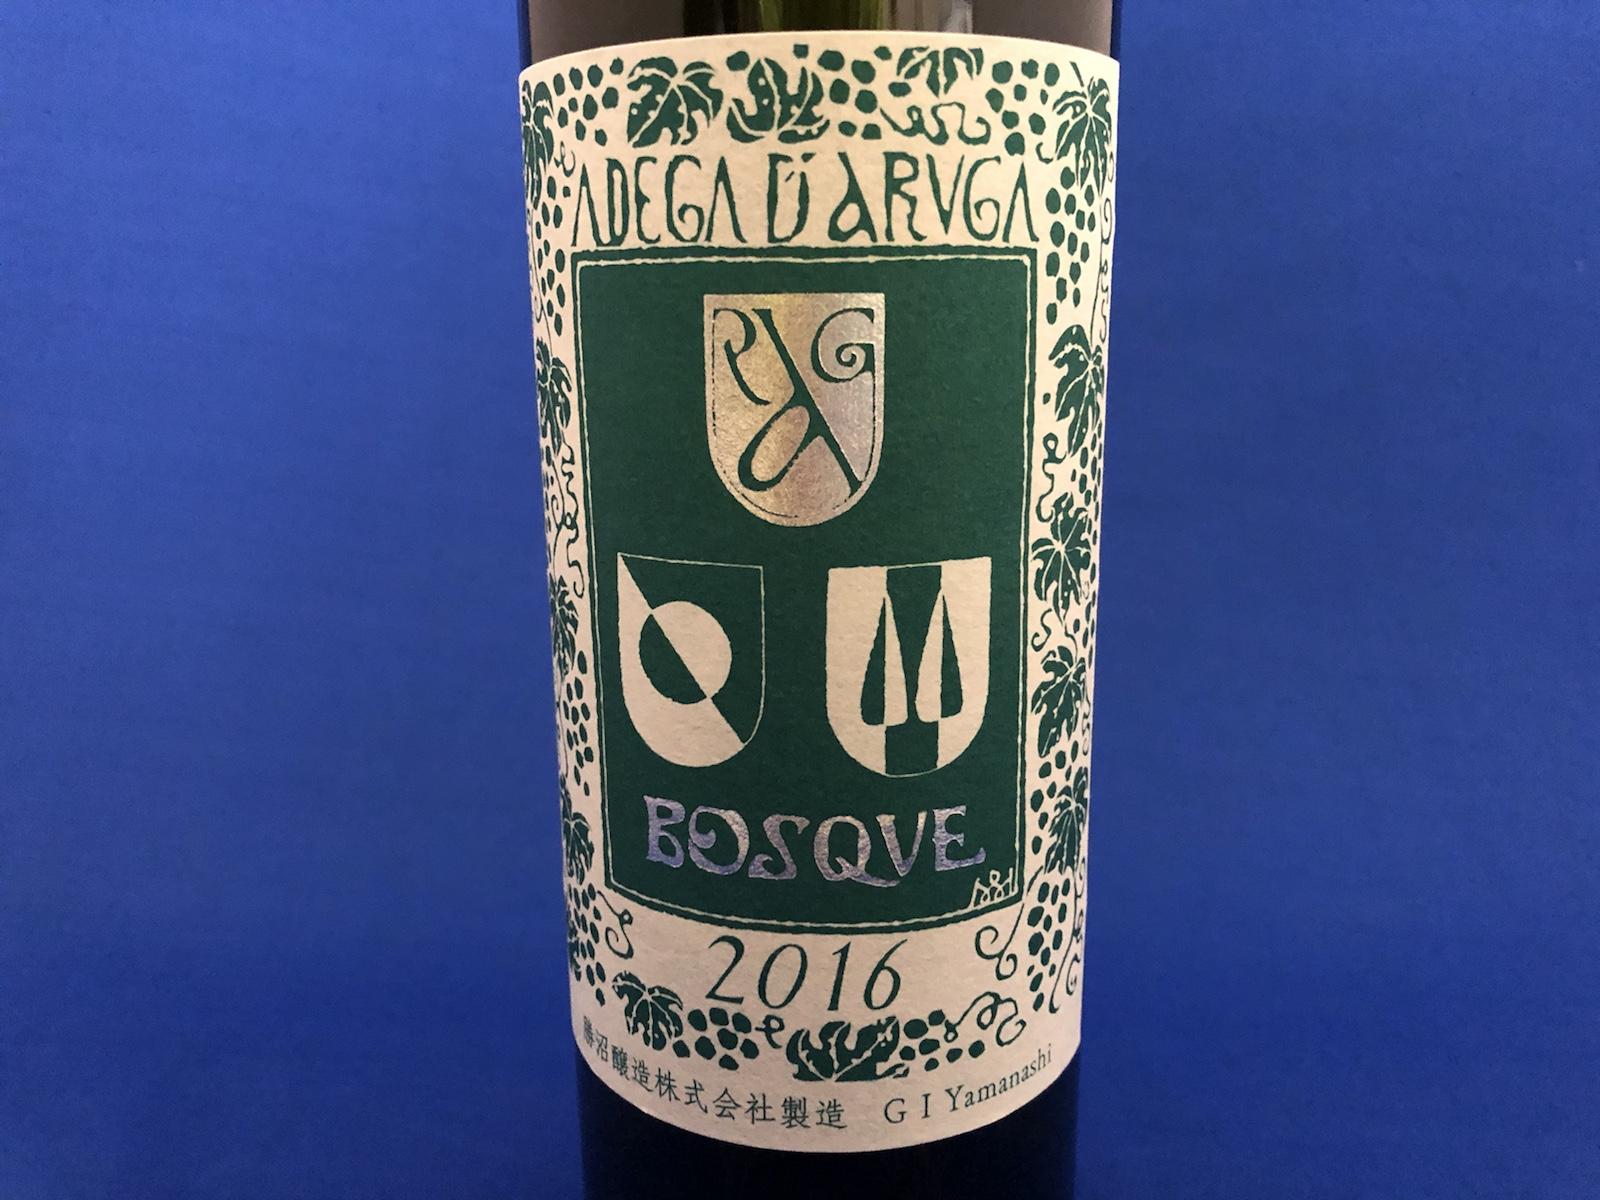 甲州ワインの魅力がさらに深まるアルガの林「アルガーノ ボシケ」